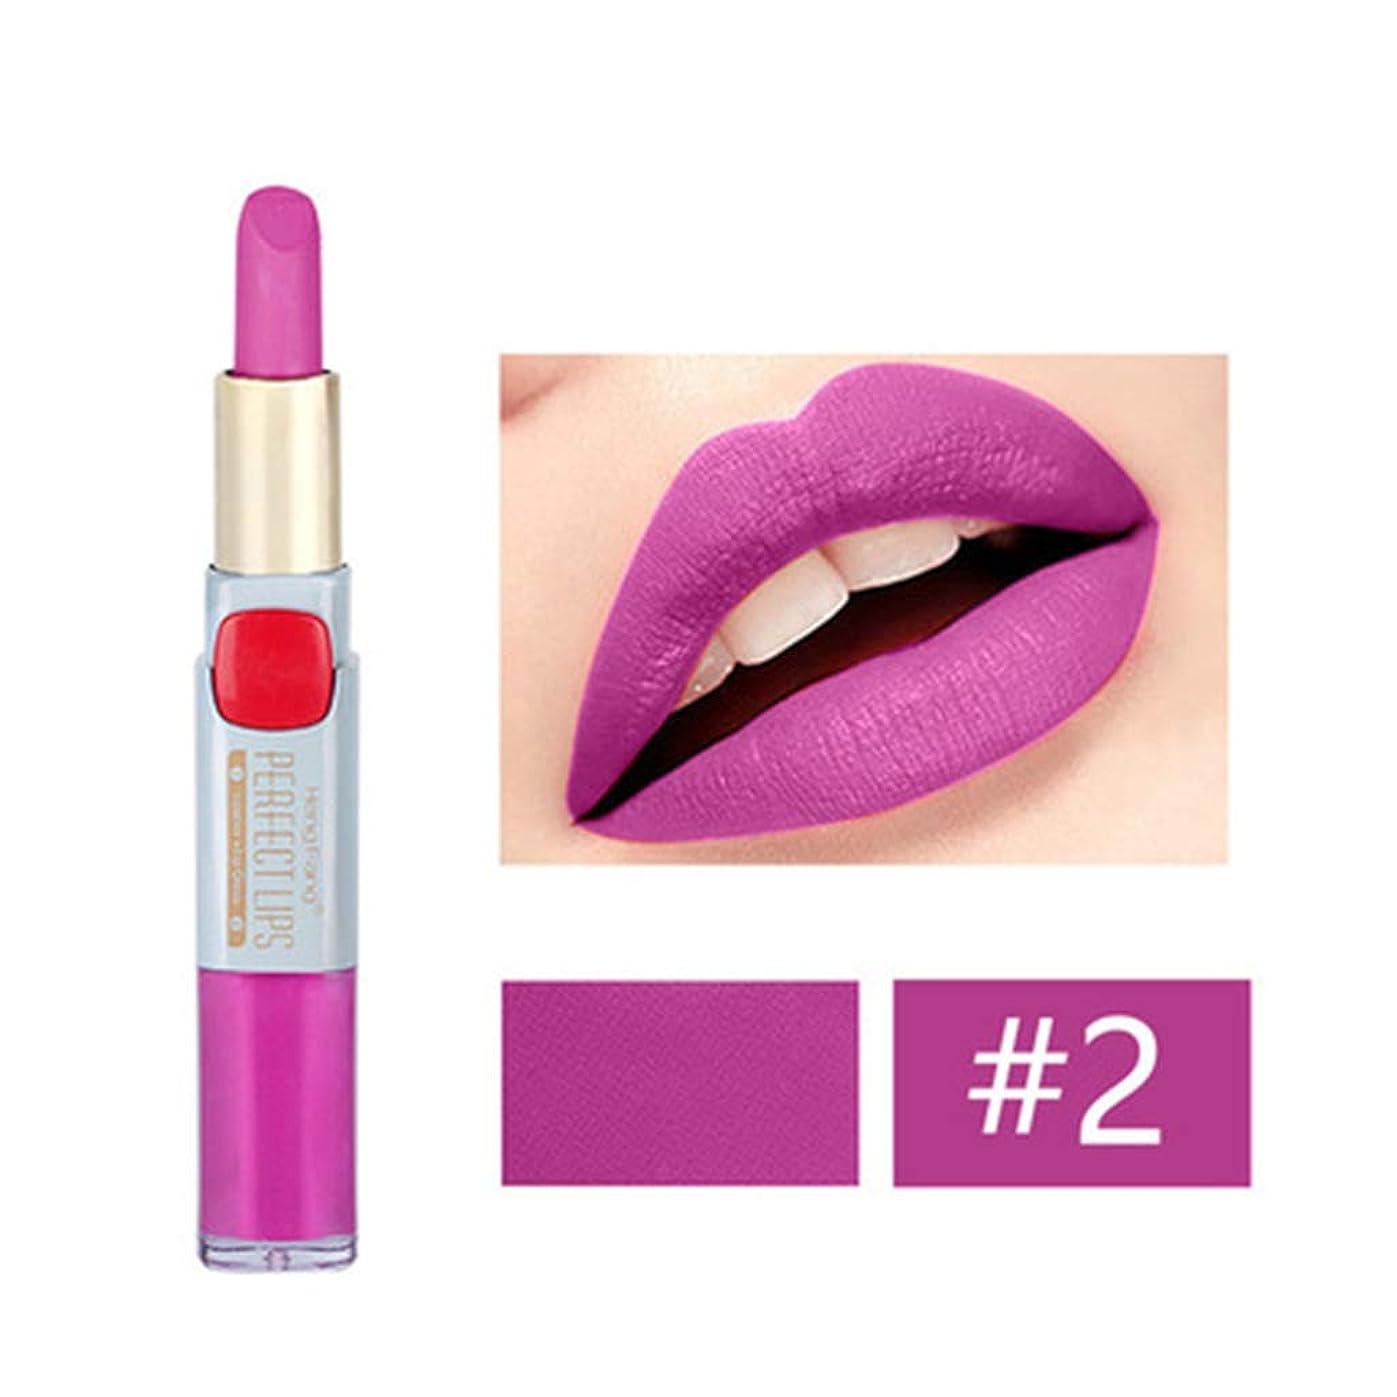 極貧人質シャークKimyuo 2つ1つの長続きがする防水二重頭部の唇の液体の鉛筆のマットの口紅の唇の光沢の化粧品